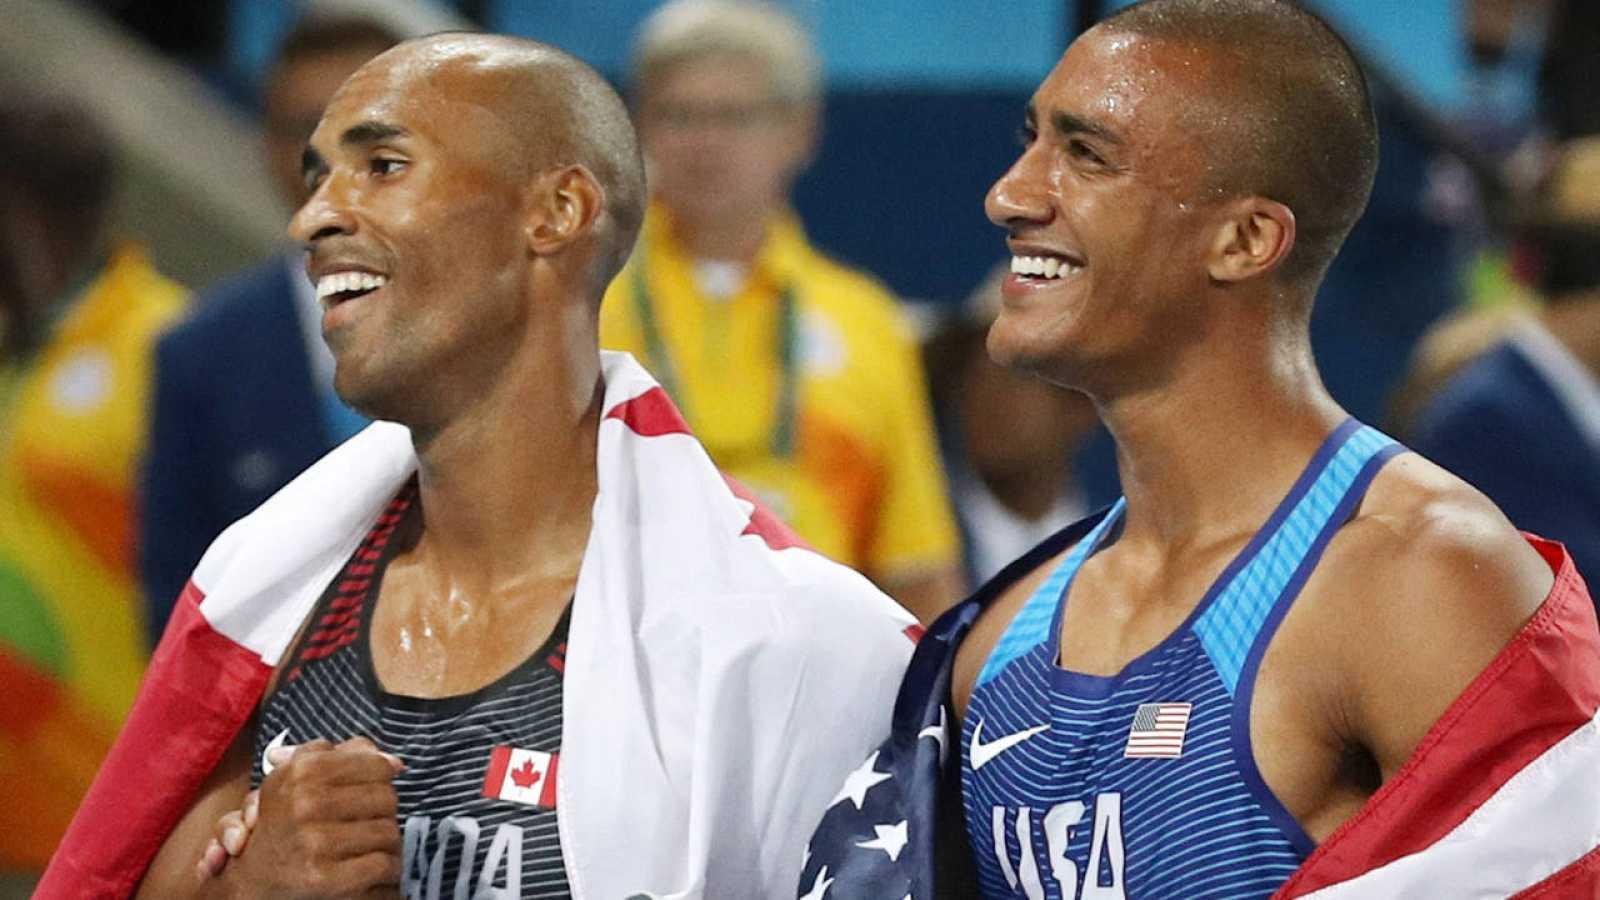 Ashton Eaton (derecha) celebra su oro en decatlón